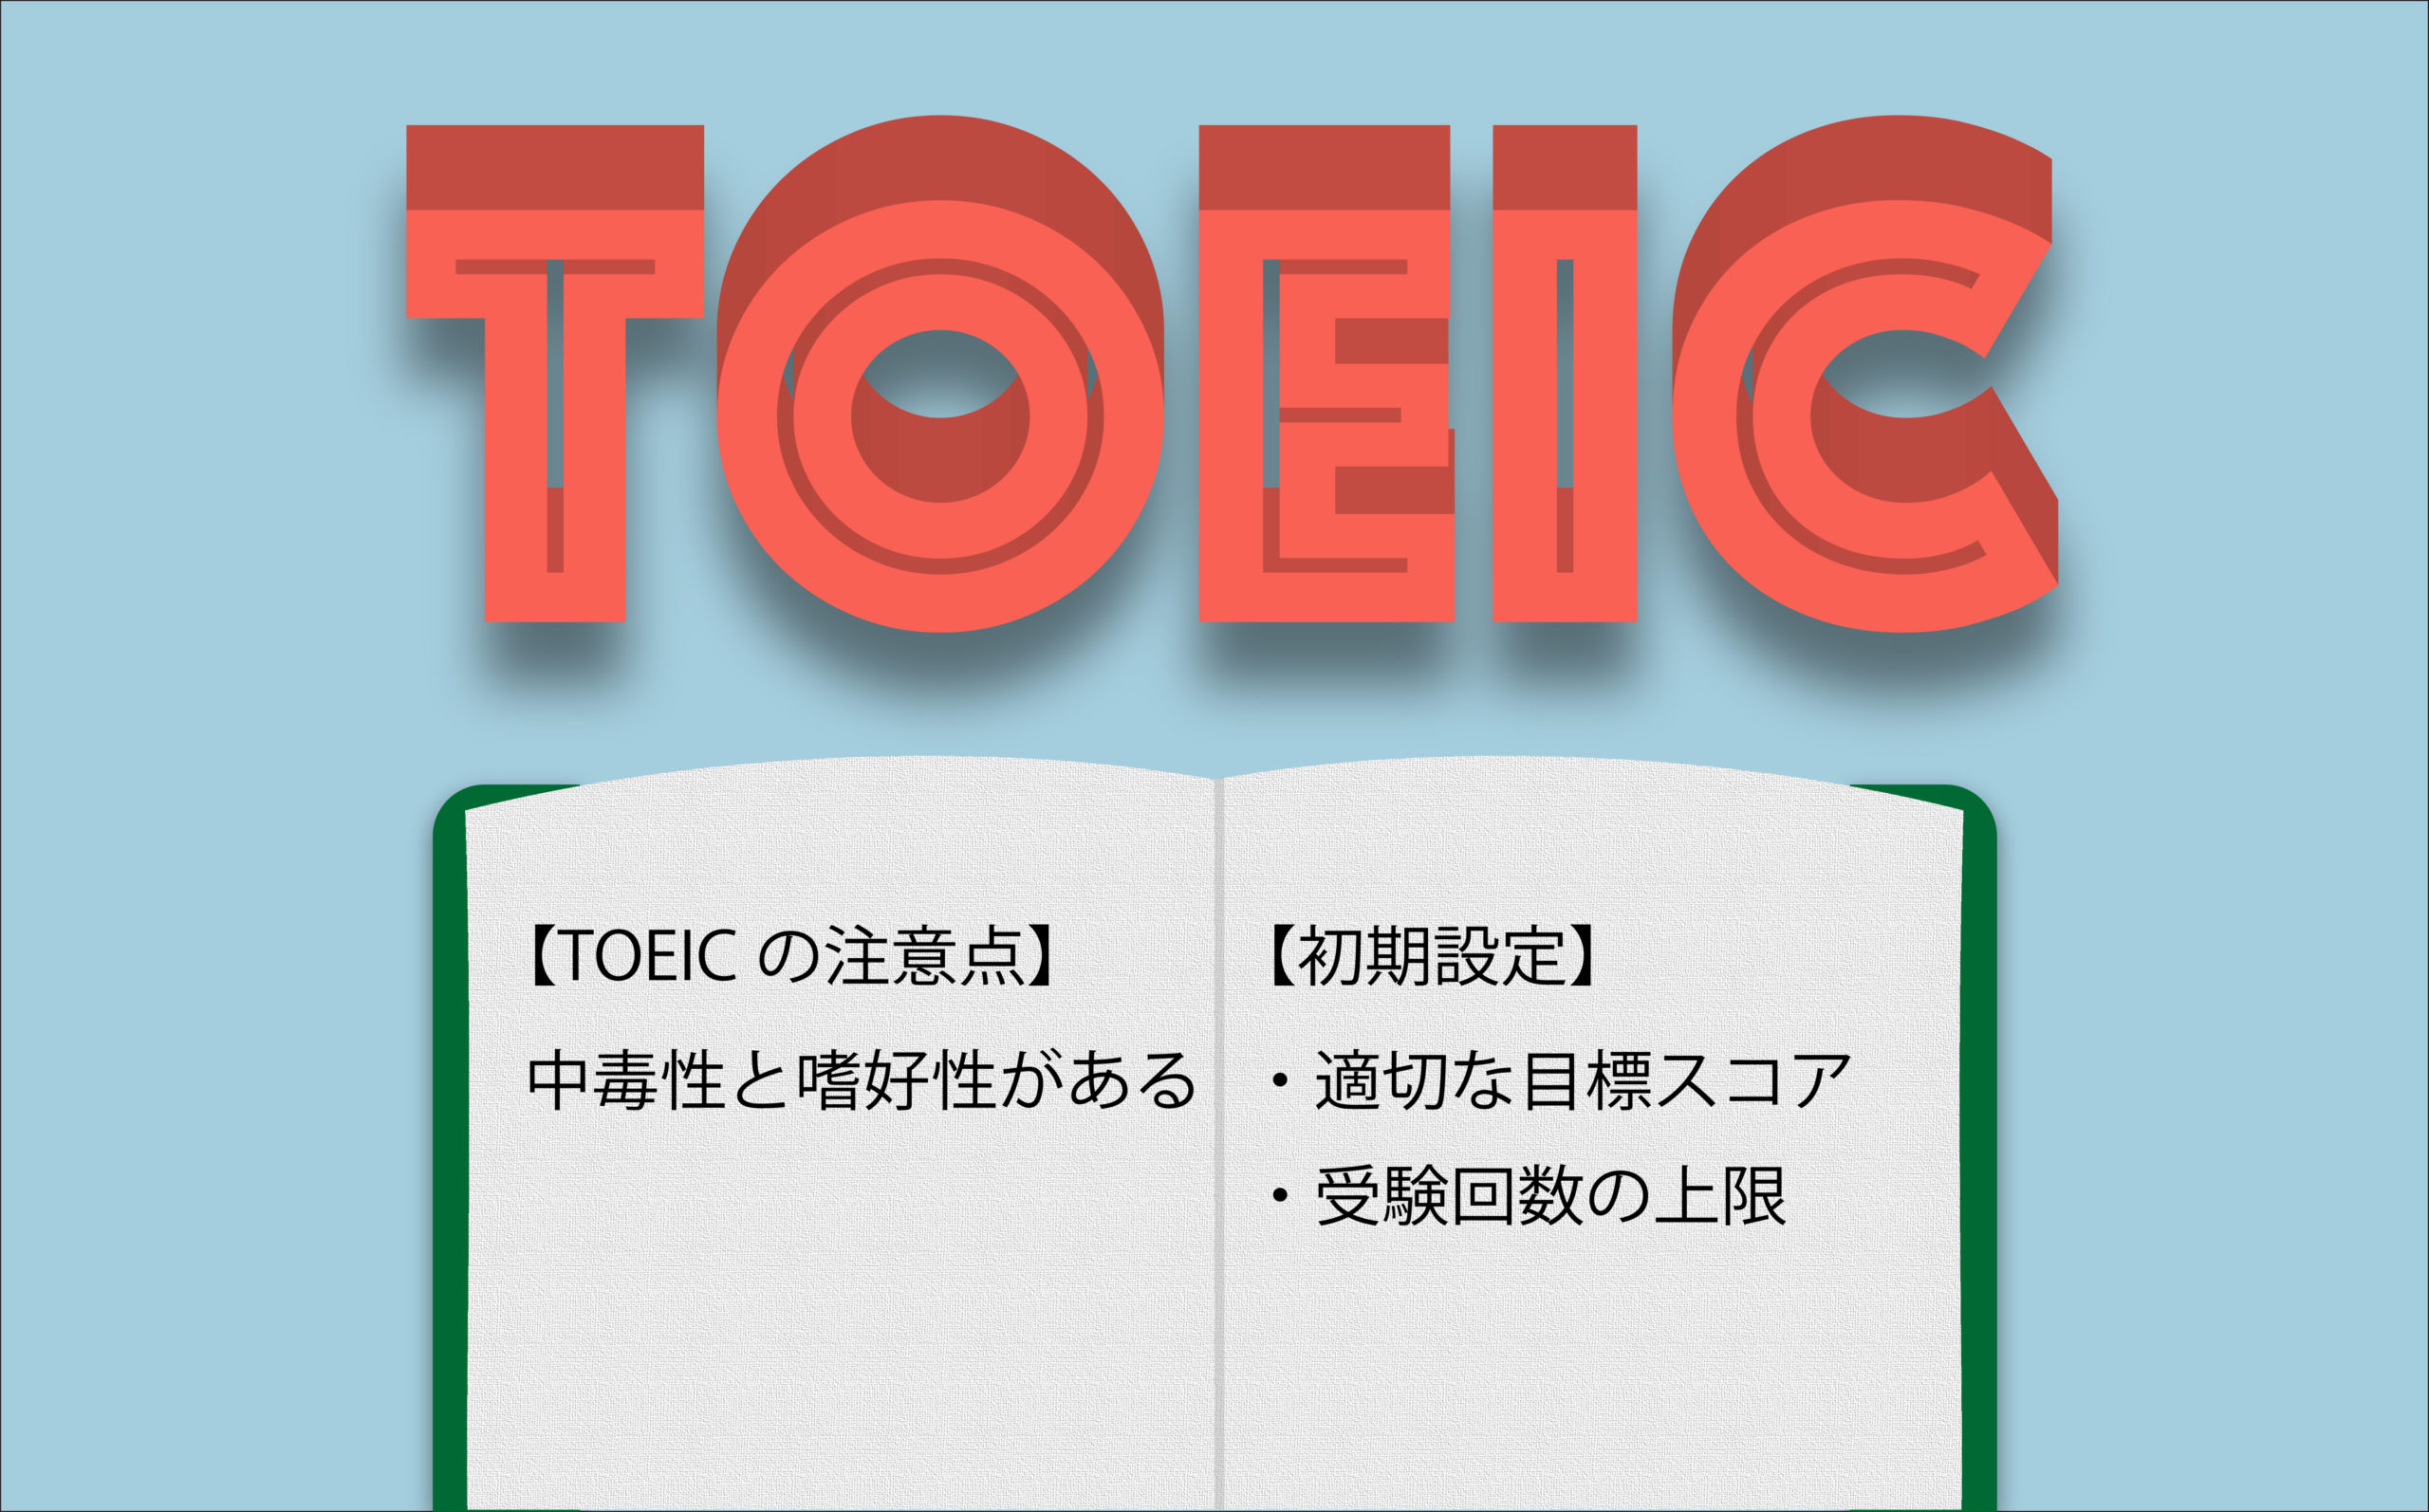 TOEICの中毒性と嗜好性